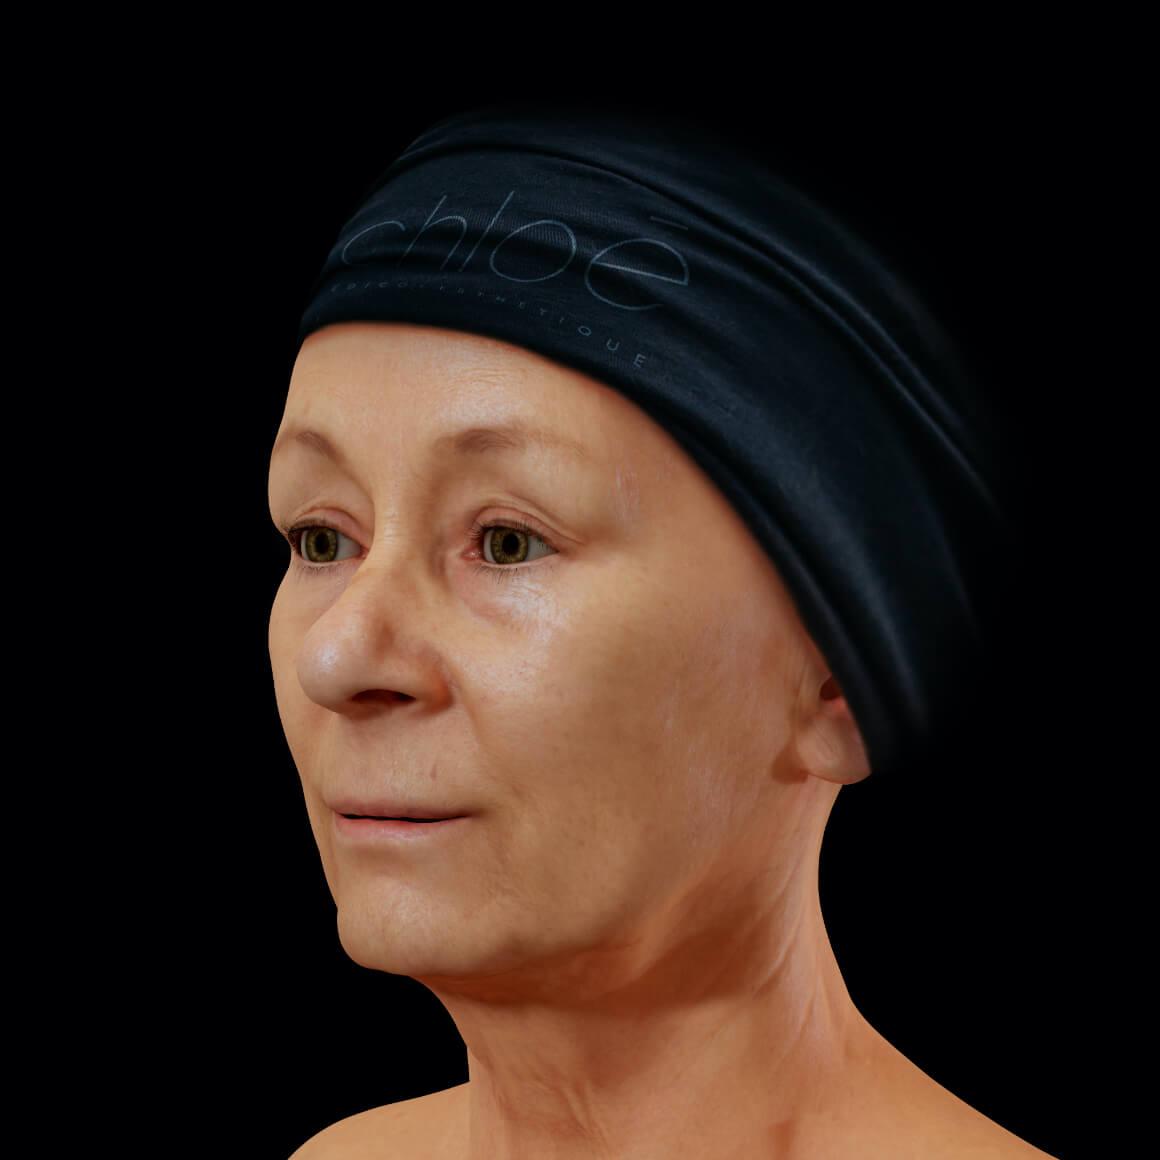 Femme patiente à la Clinique Chloé positionnée en angle après des traitements de mésothérapie pour estomper les rides